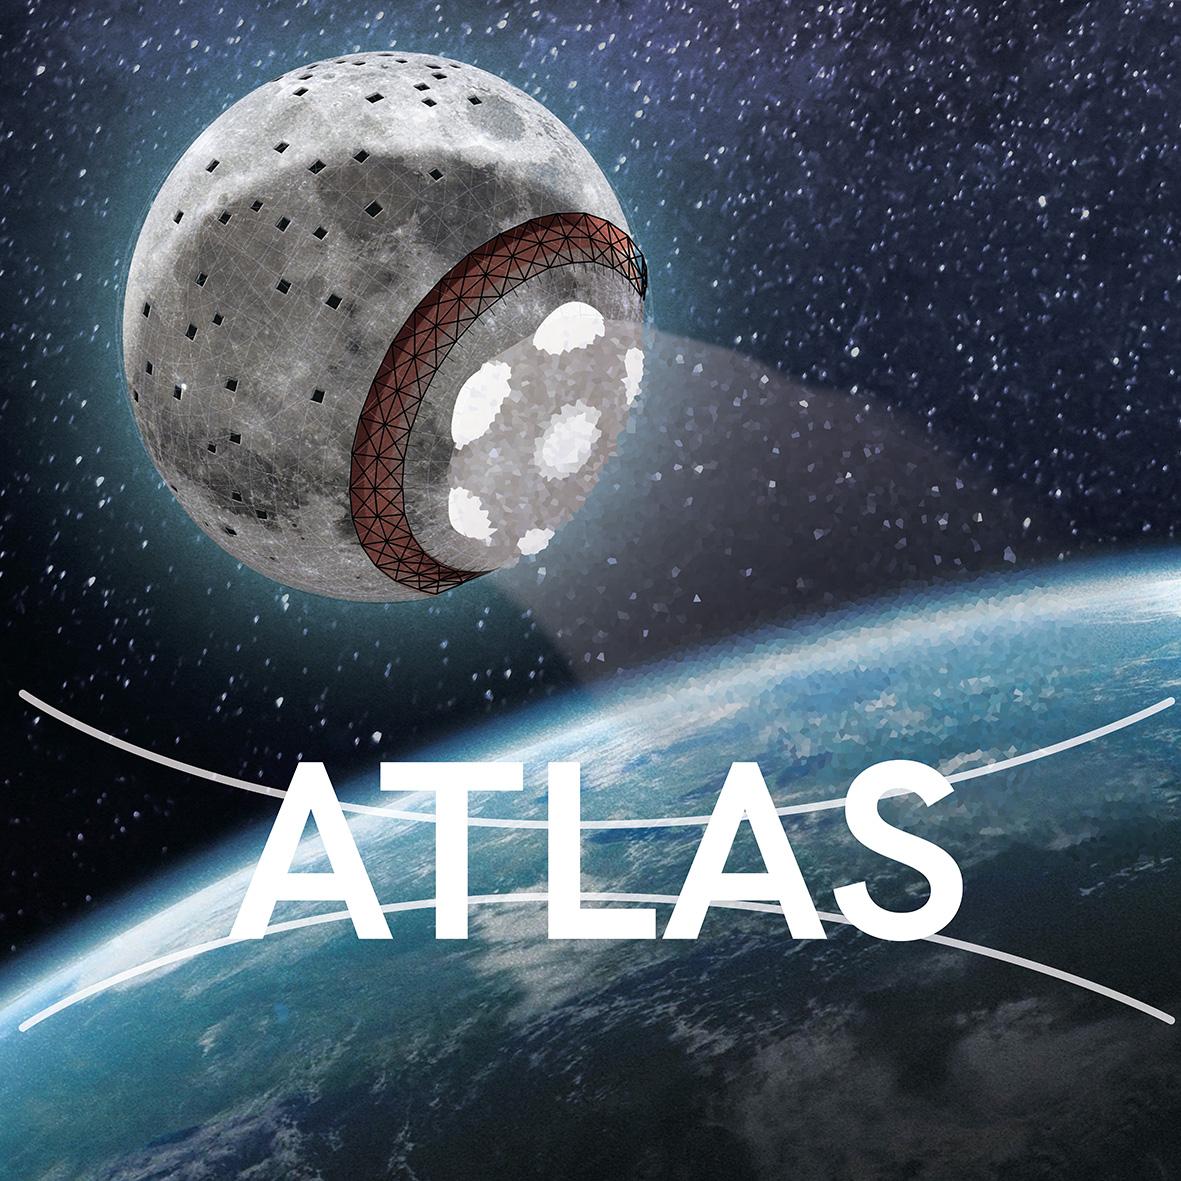 ATLAS - ÉCOSYSTÈME : La LuneMEMBRES DE L'ÉQUIPE : Louis-Éric Daignault, Félix Krauth, Christophe Leick, François Bergeron